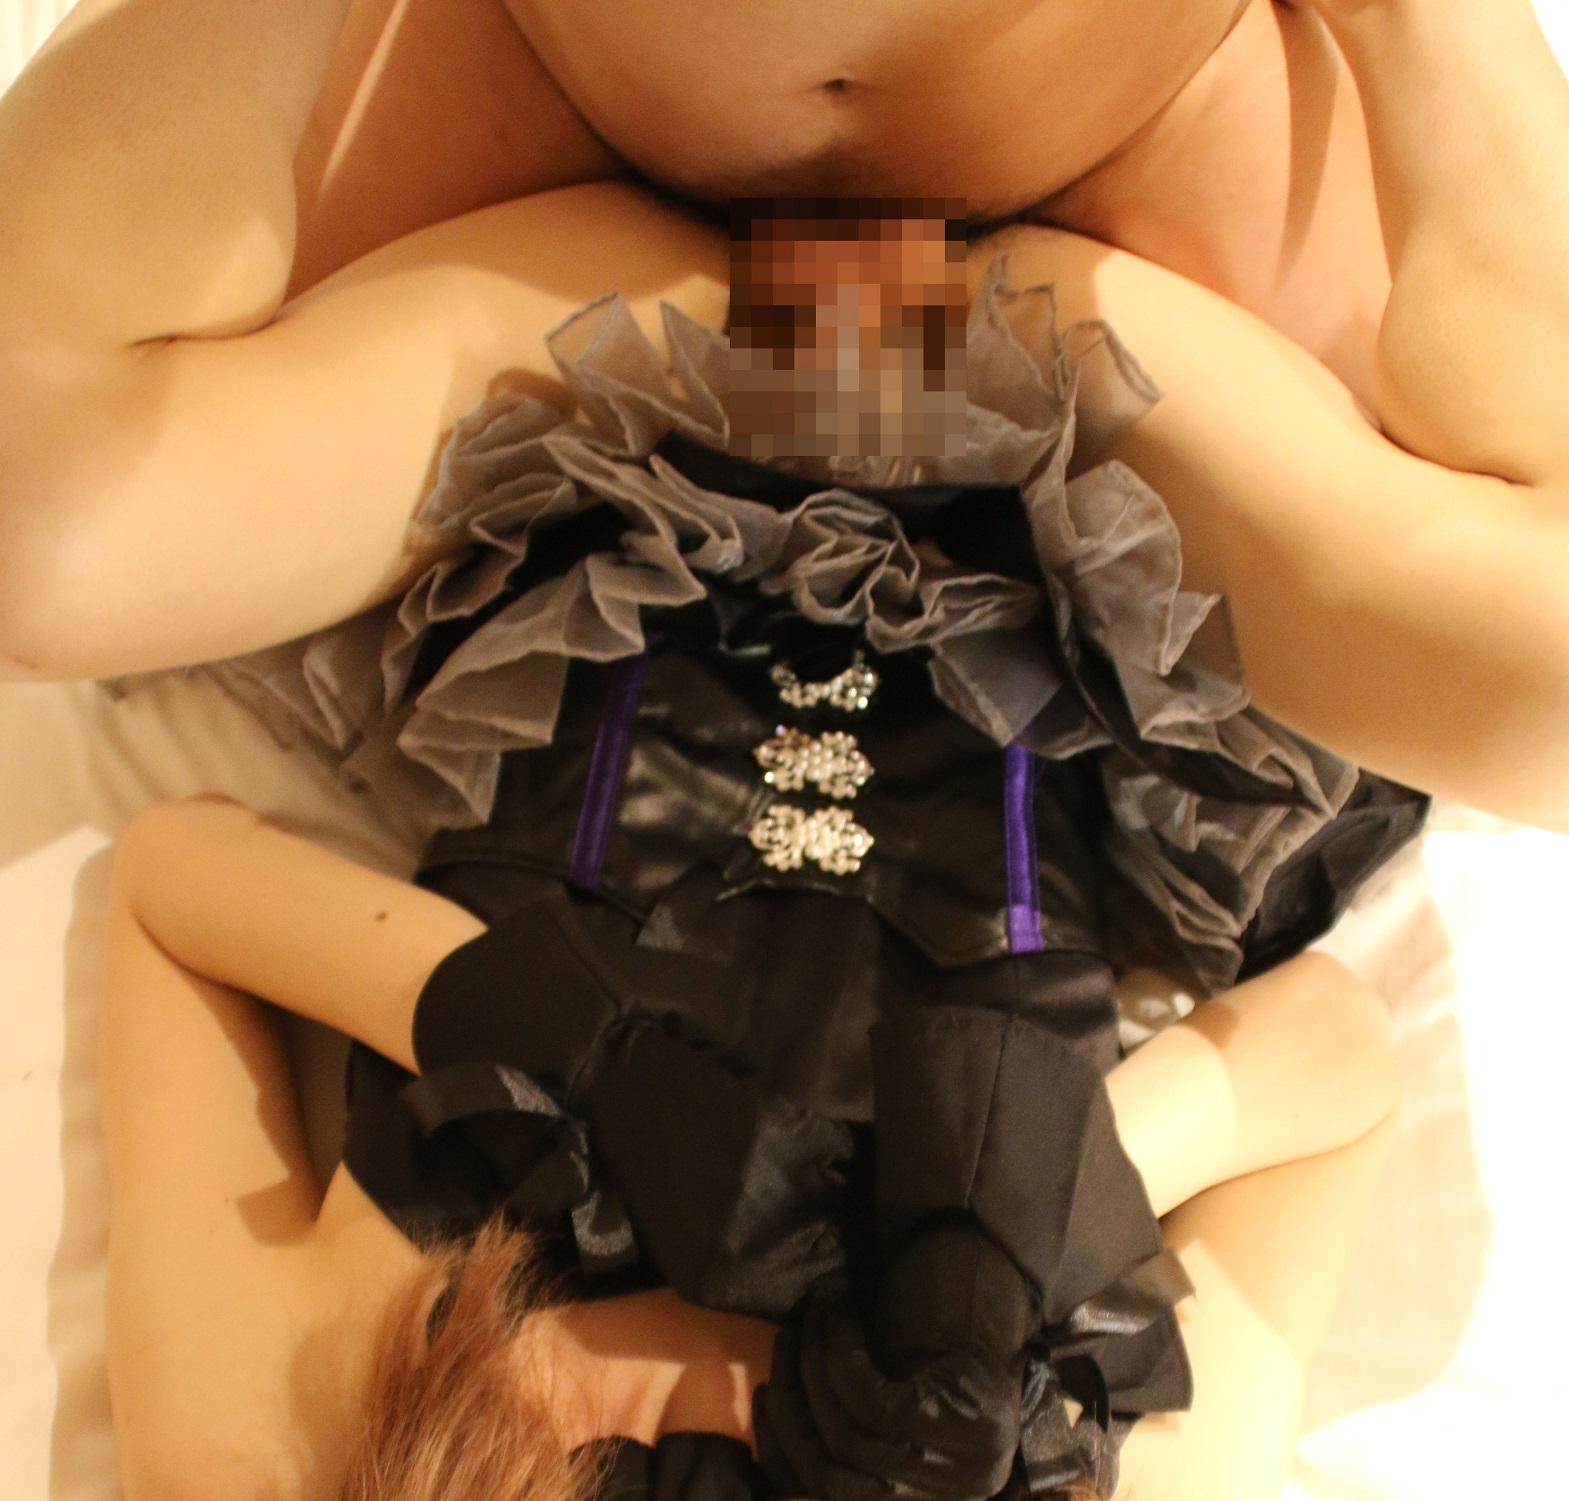 男の娘コスプレ体験・なゆ02のサンプル画像3